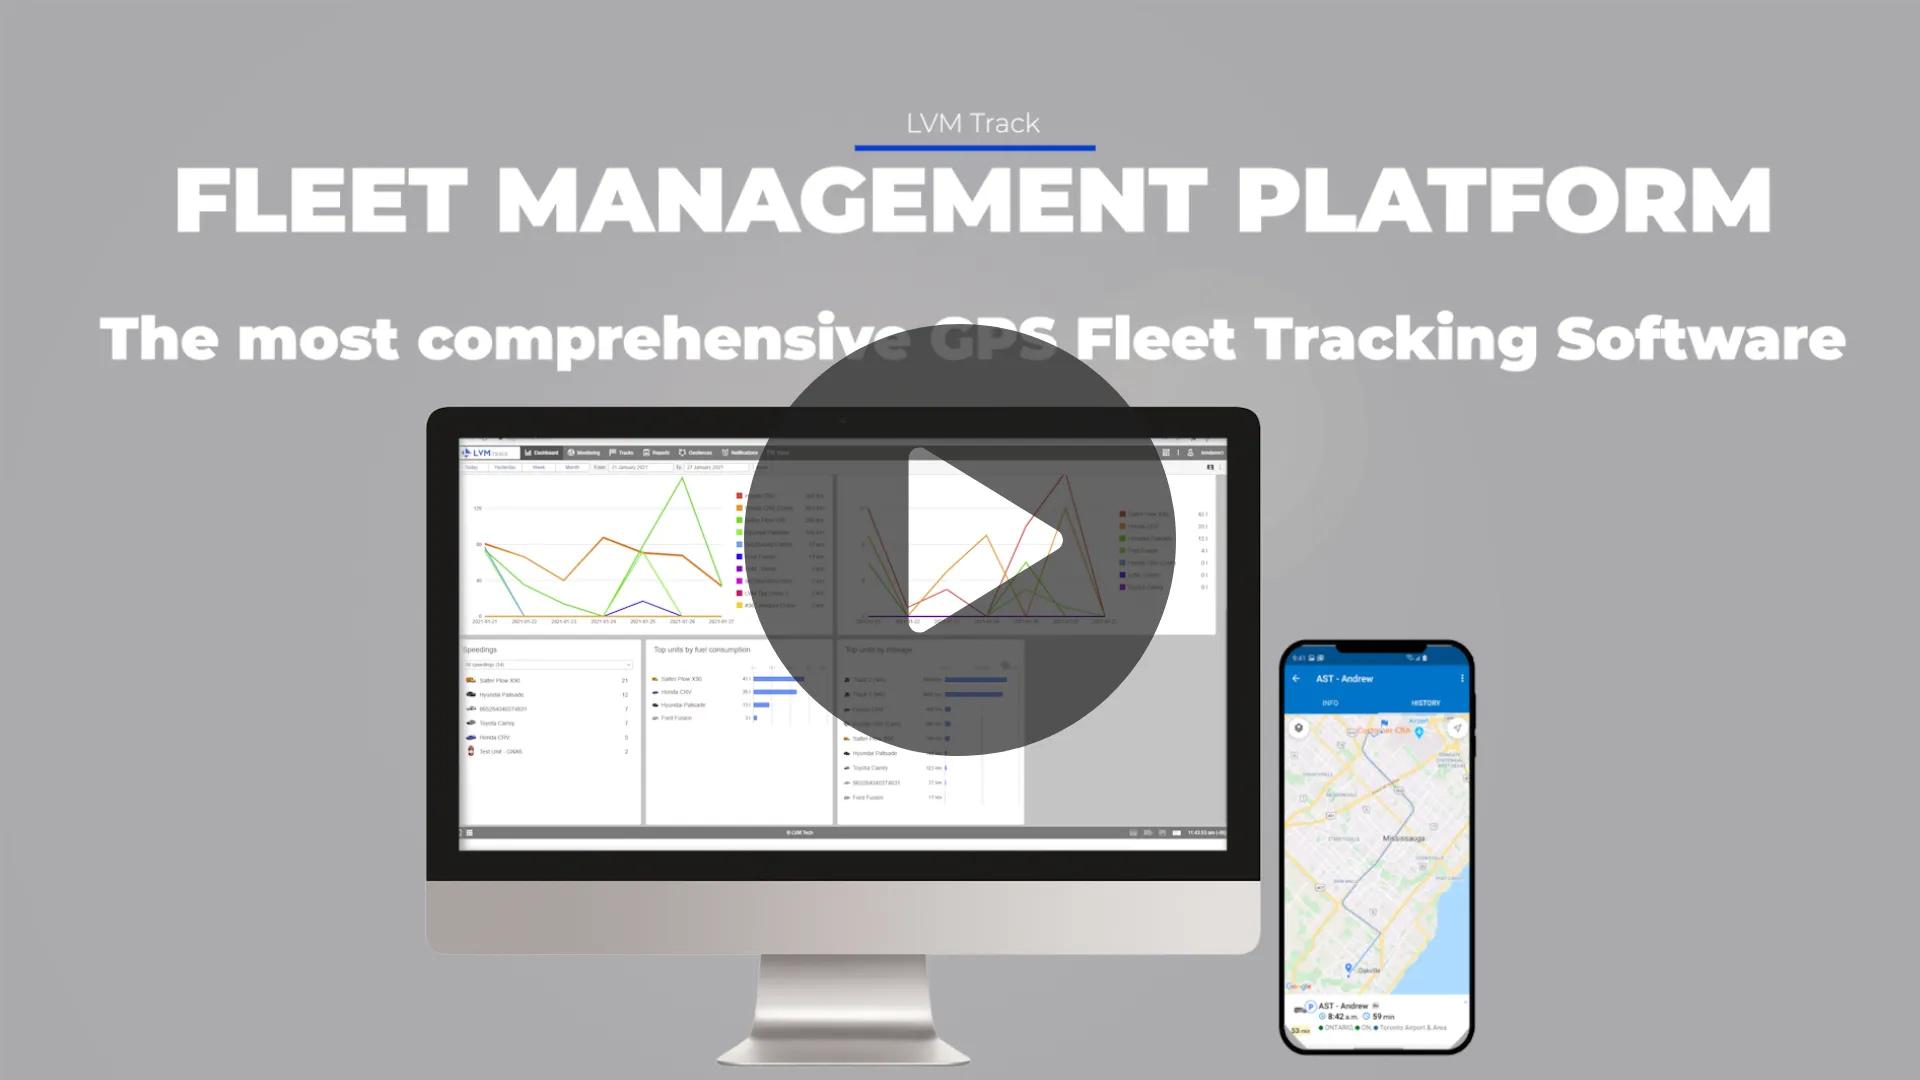 LVM Track fleet management software